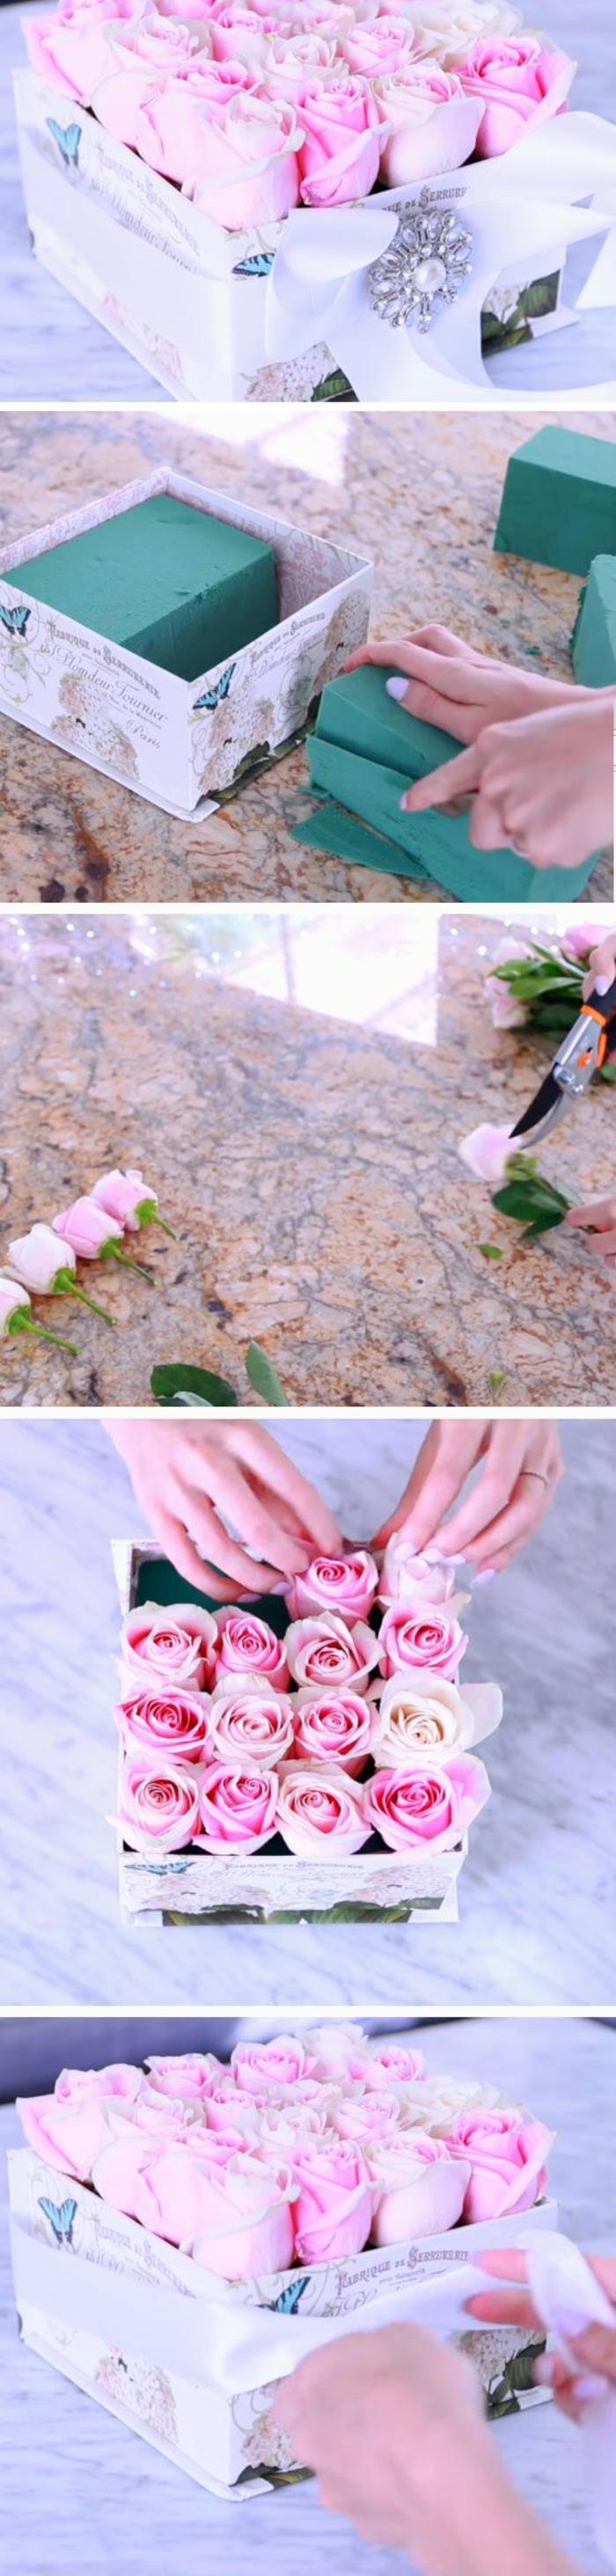 wie die Blumen zu ordnen in einer Schachtel - Muttertags Geschenkideen